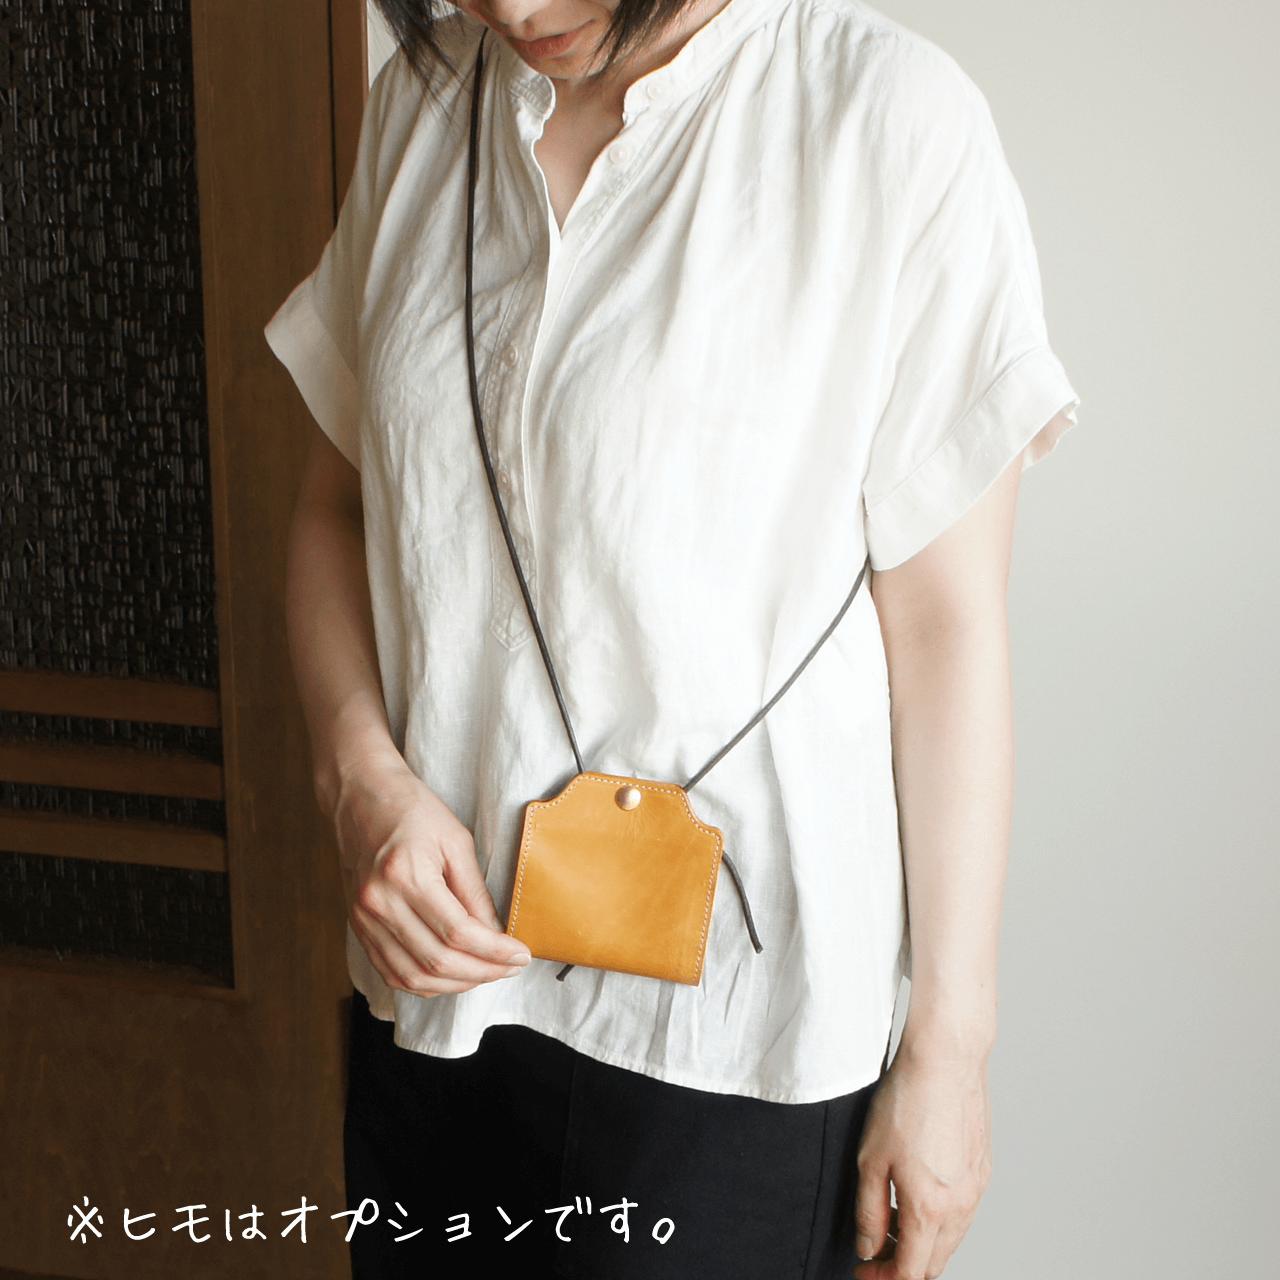 【抗菌】マスクケース(イエロー)★布マスク・不織布マスク両対応